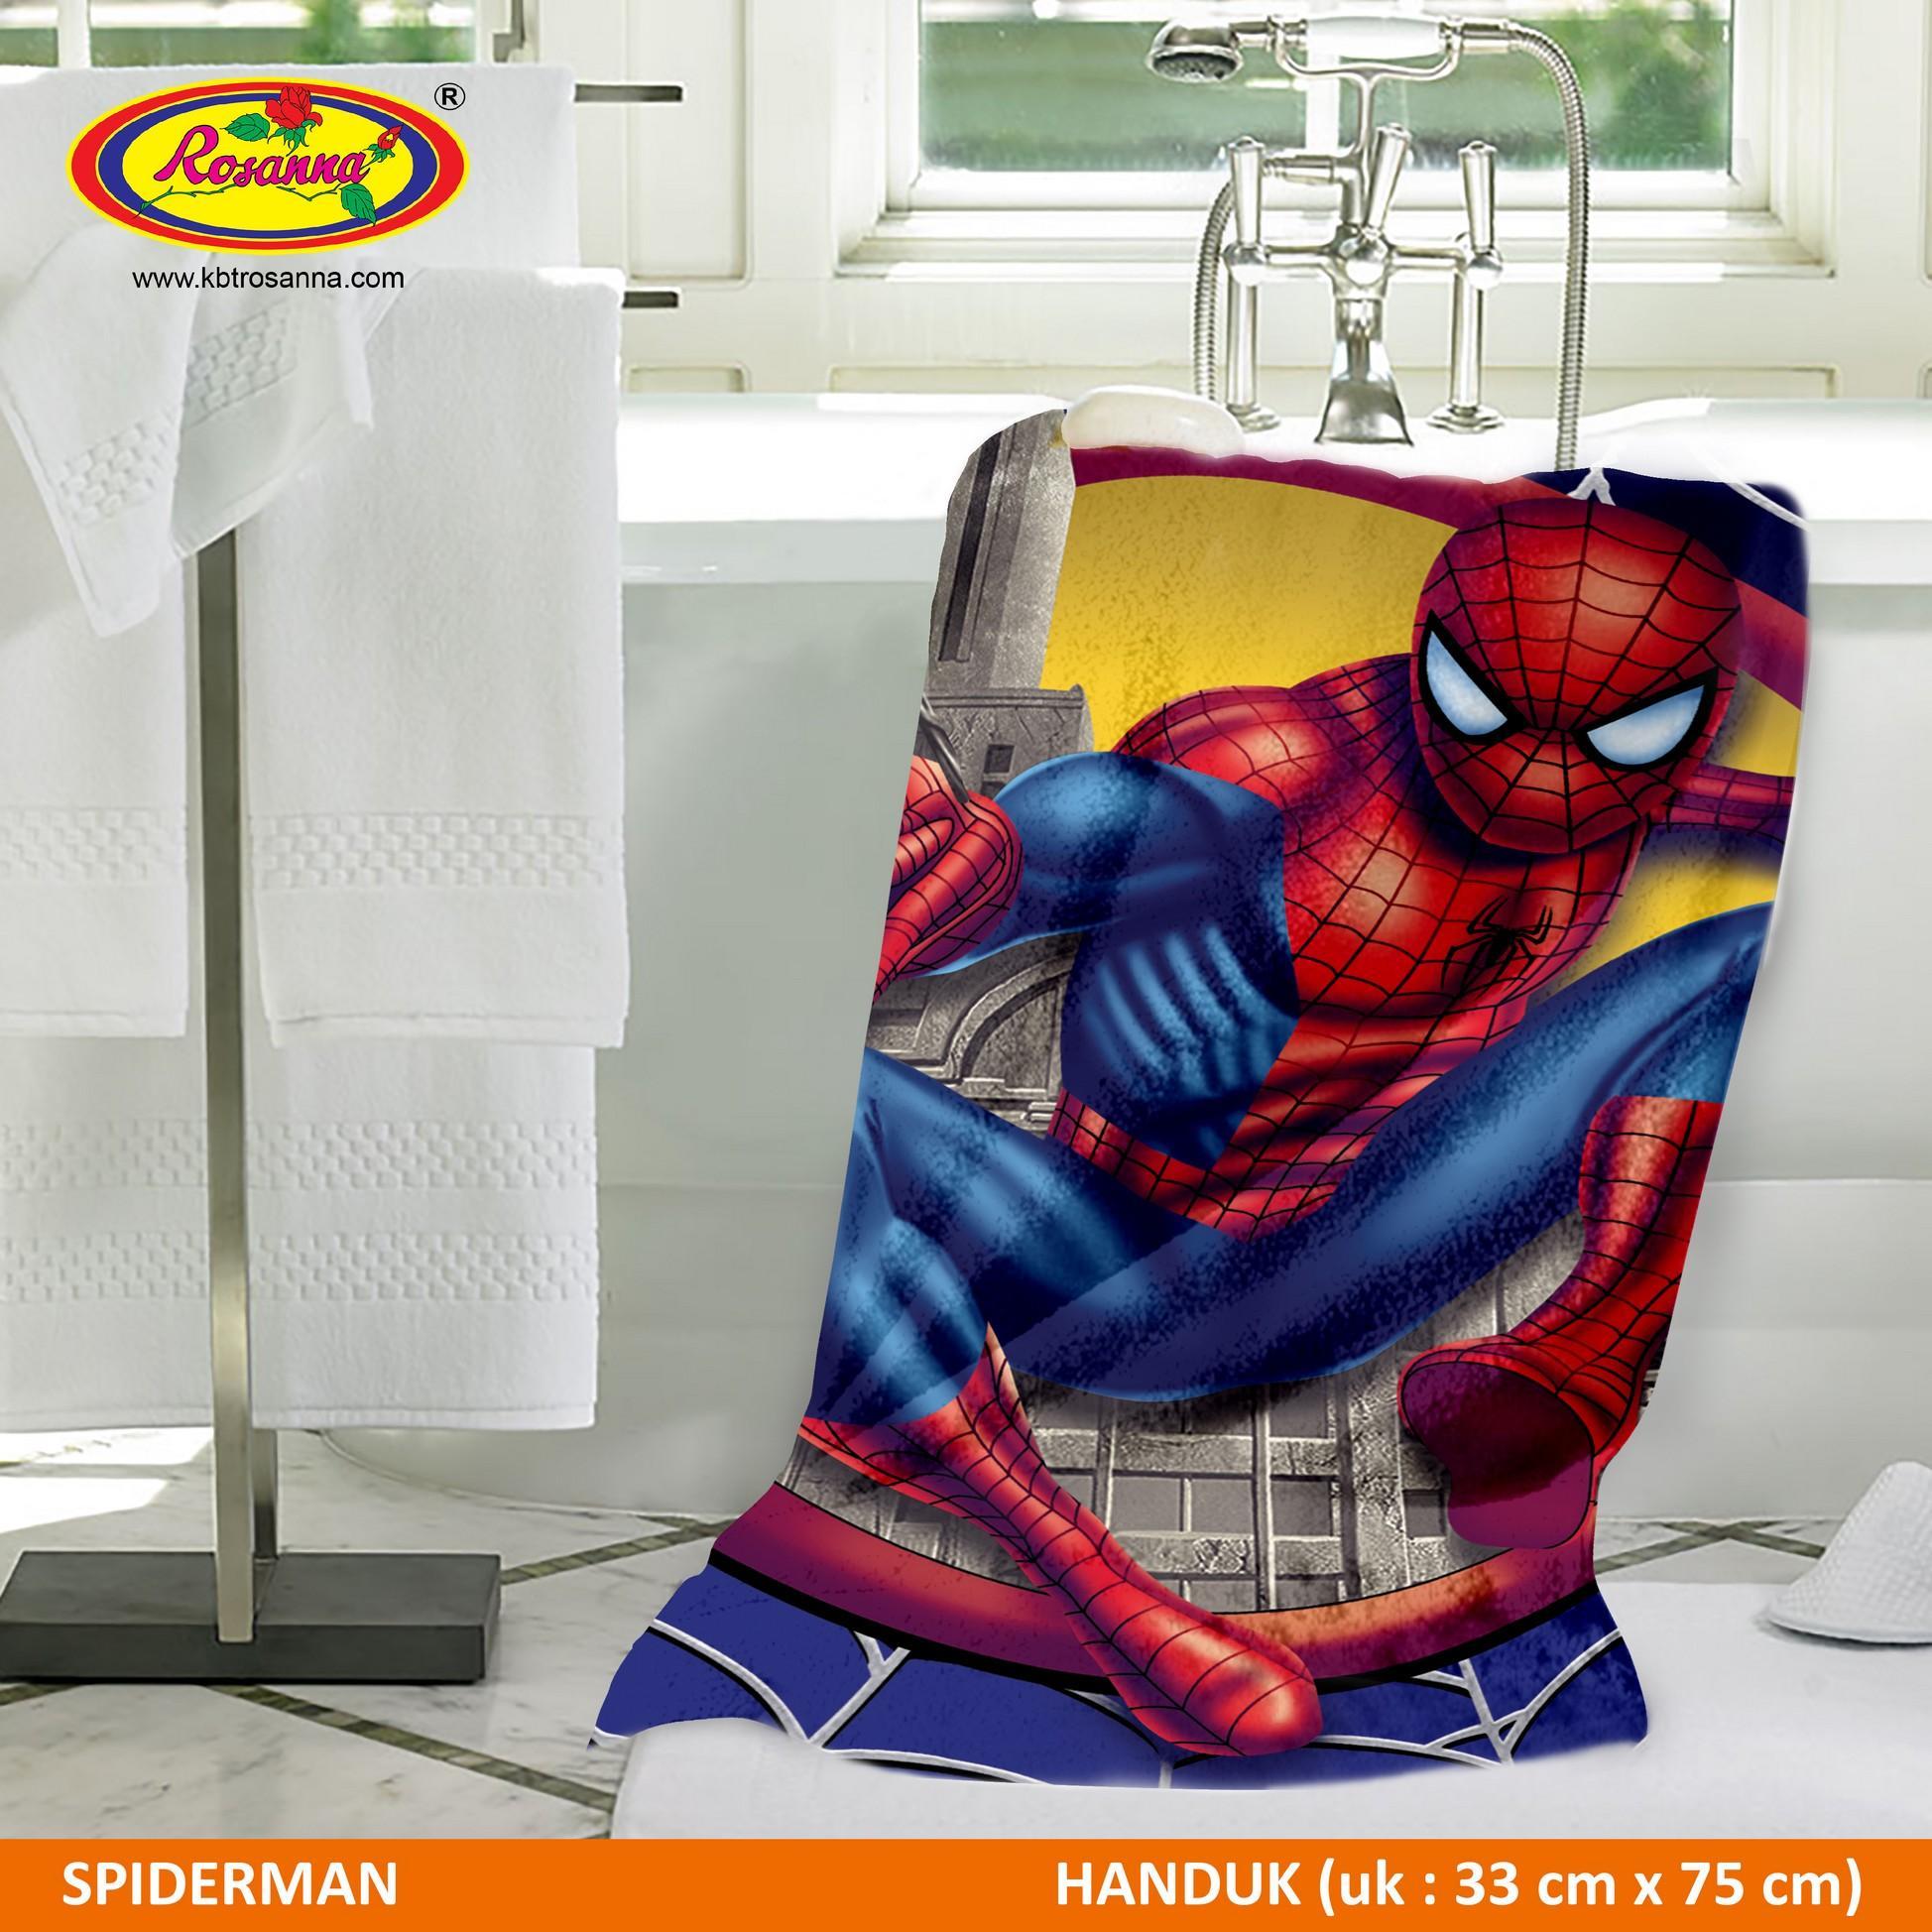 Handuk Spiderman Rosanna Printing 33x75